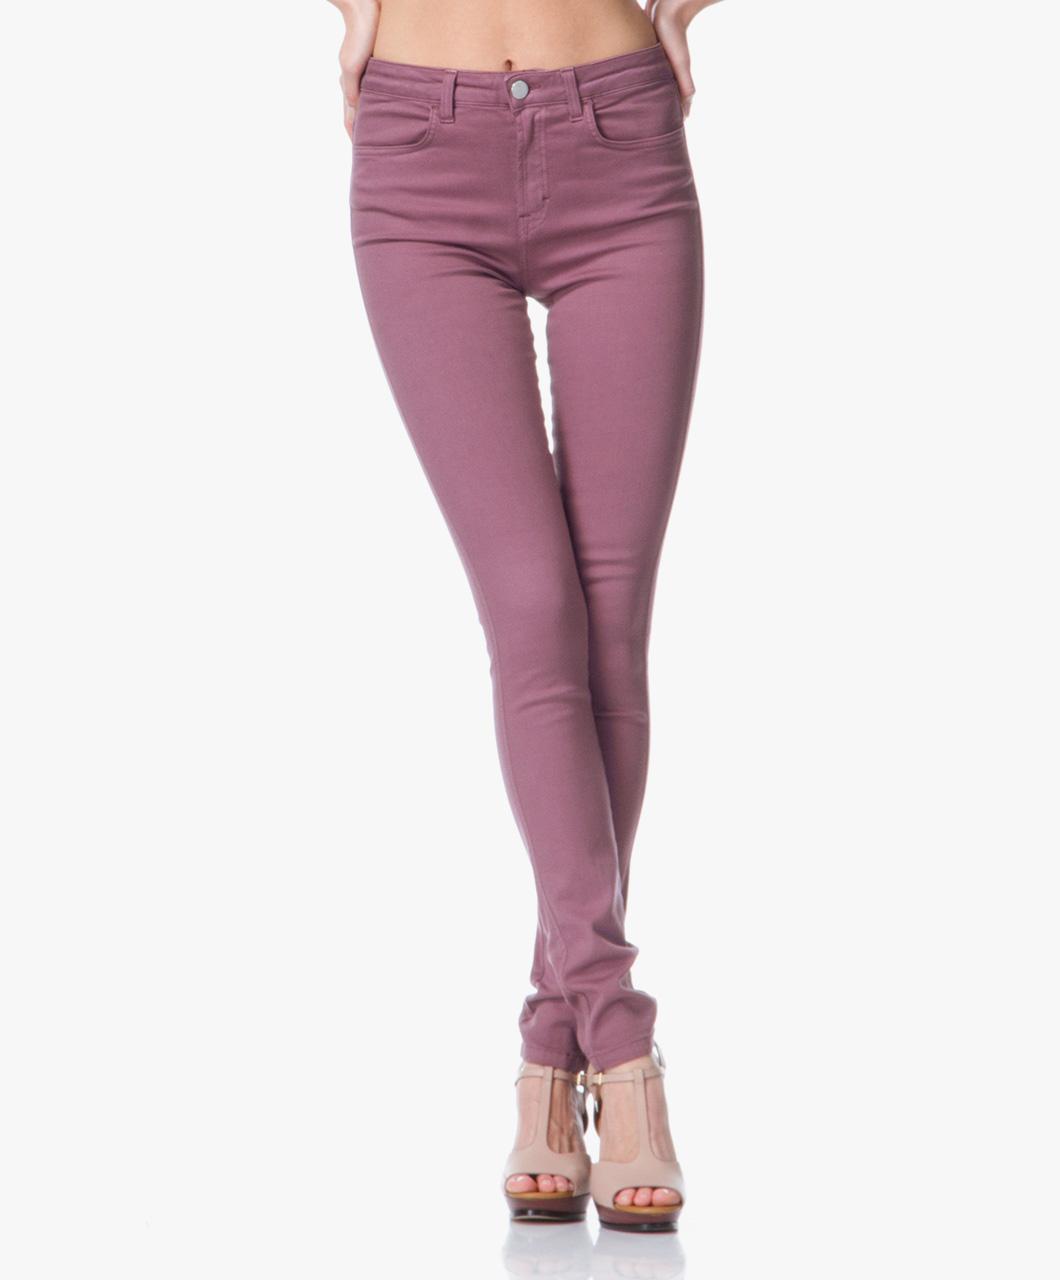 Filippa K Lola Colored Jeans - Tearose - Filippa K